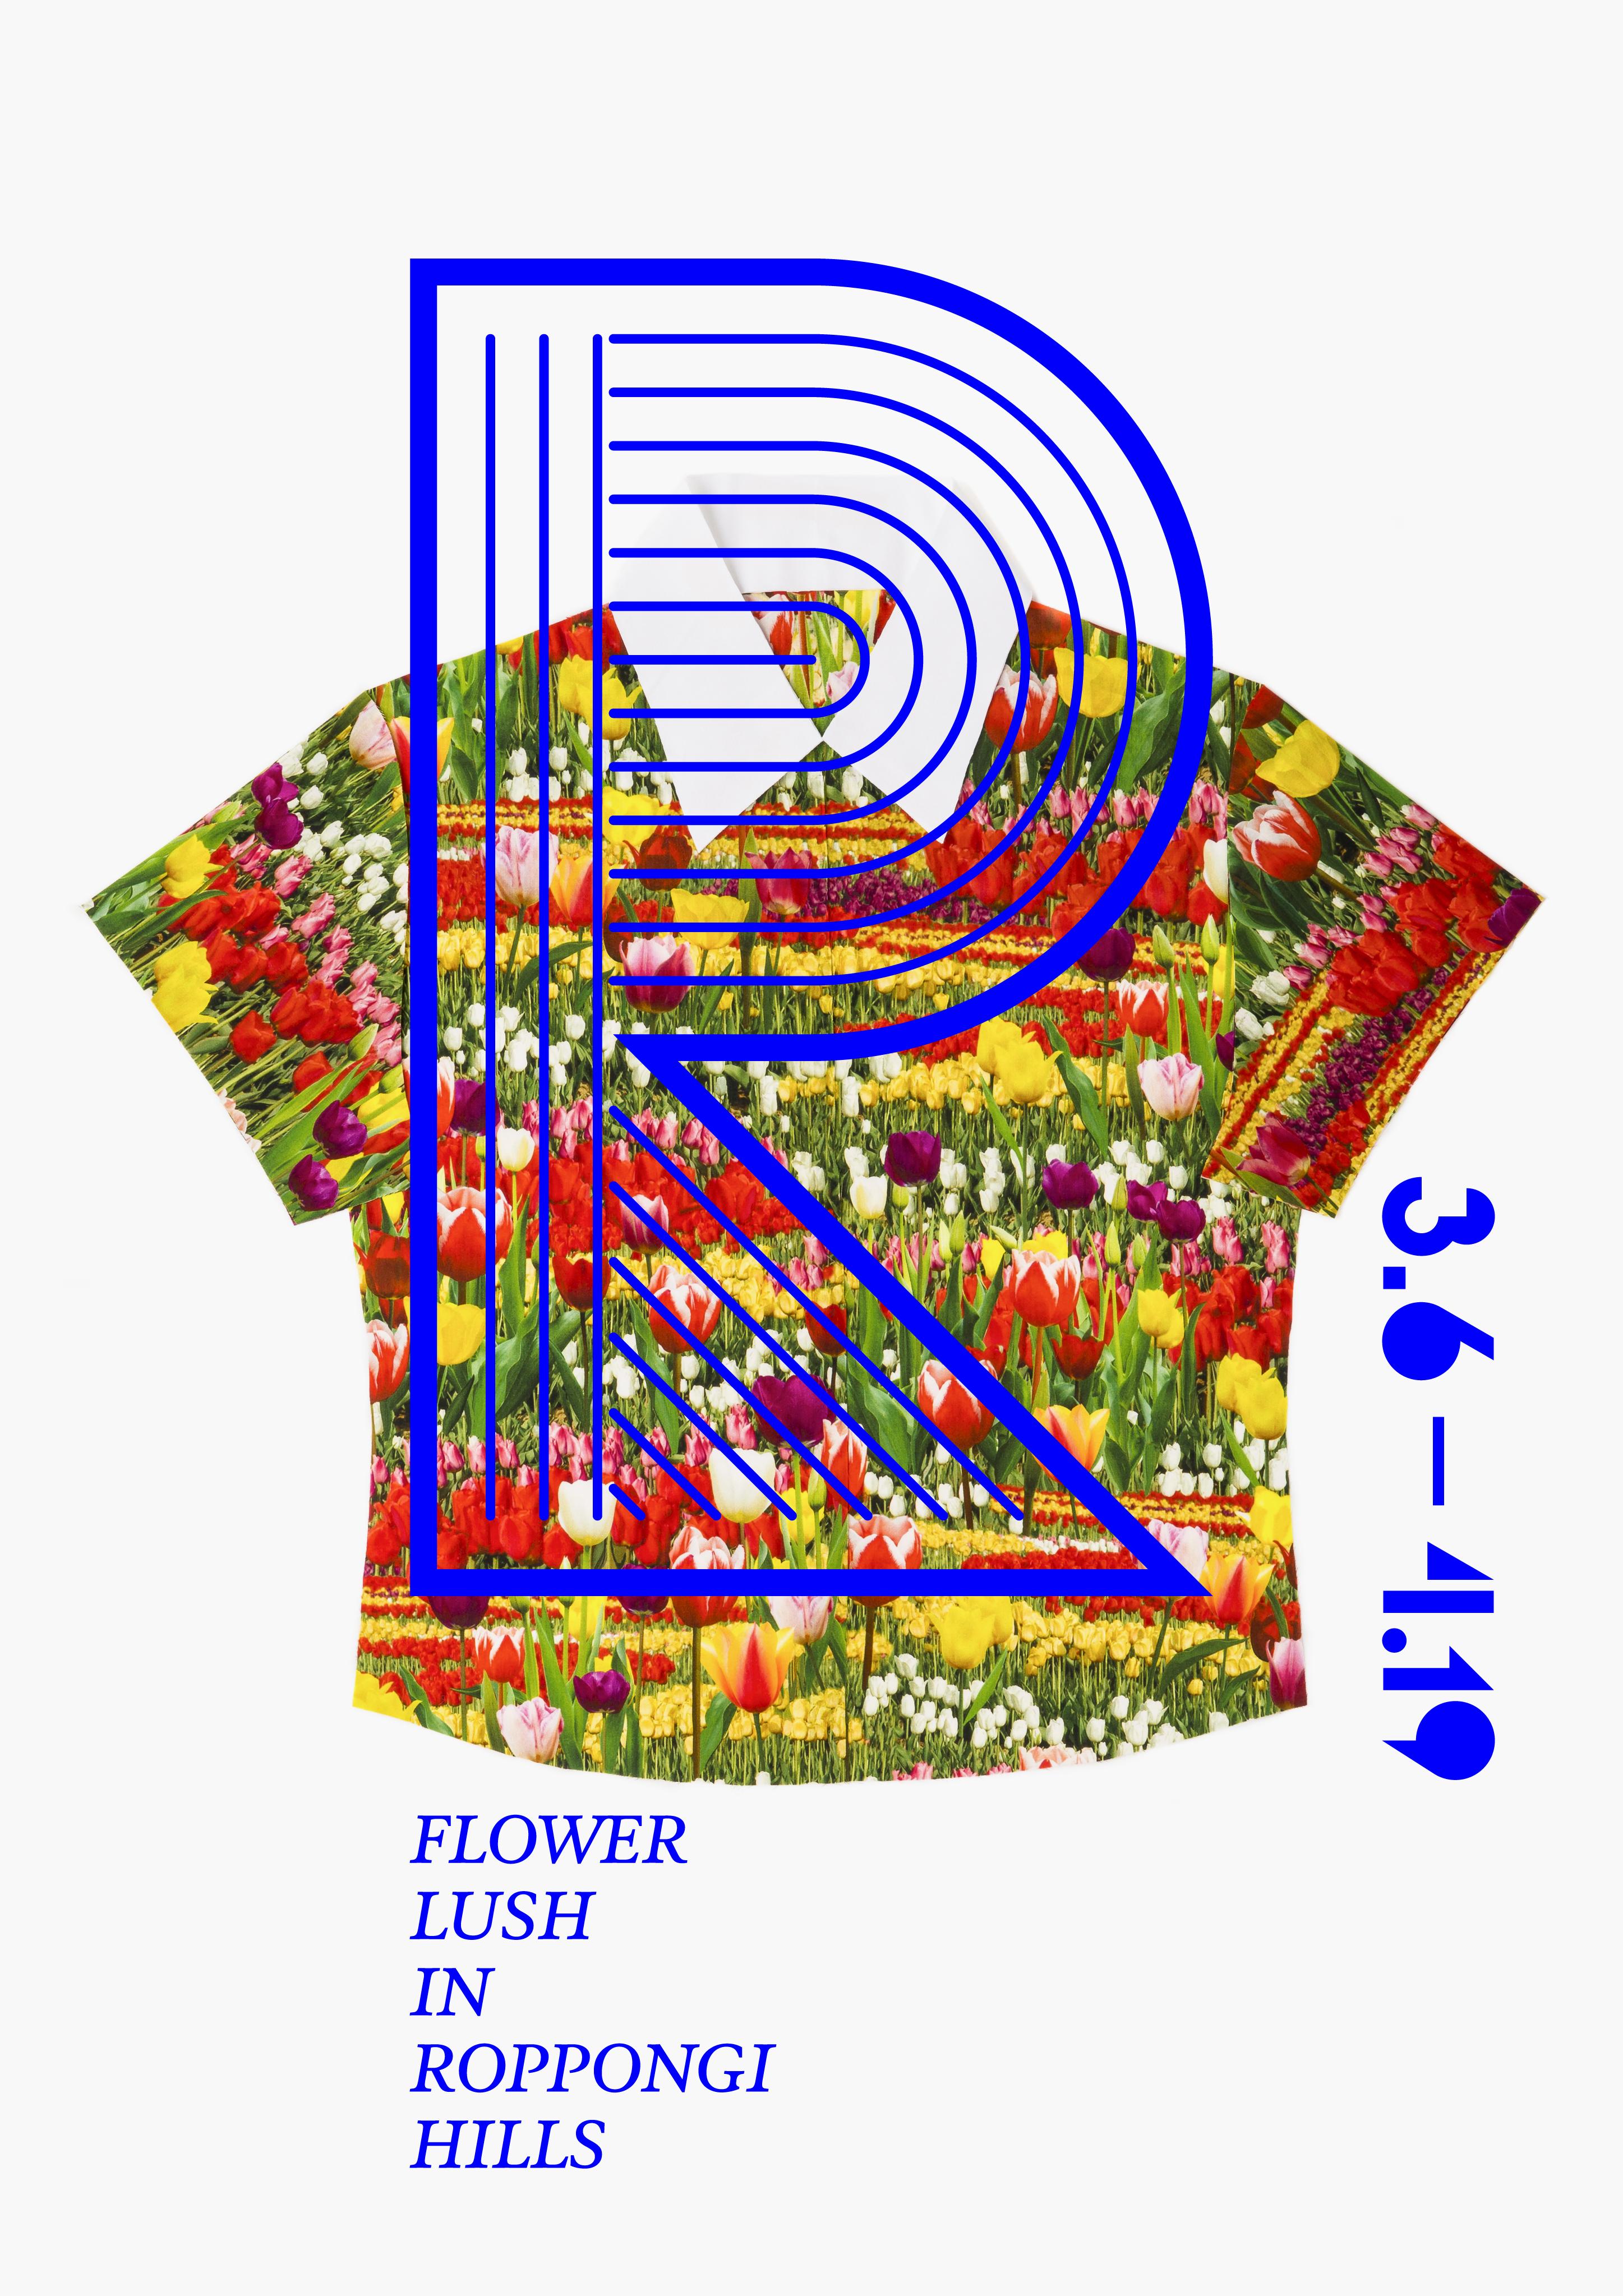 FLOWER_LUSH_R_RGB_L